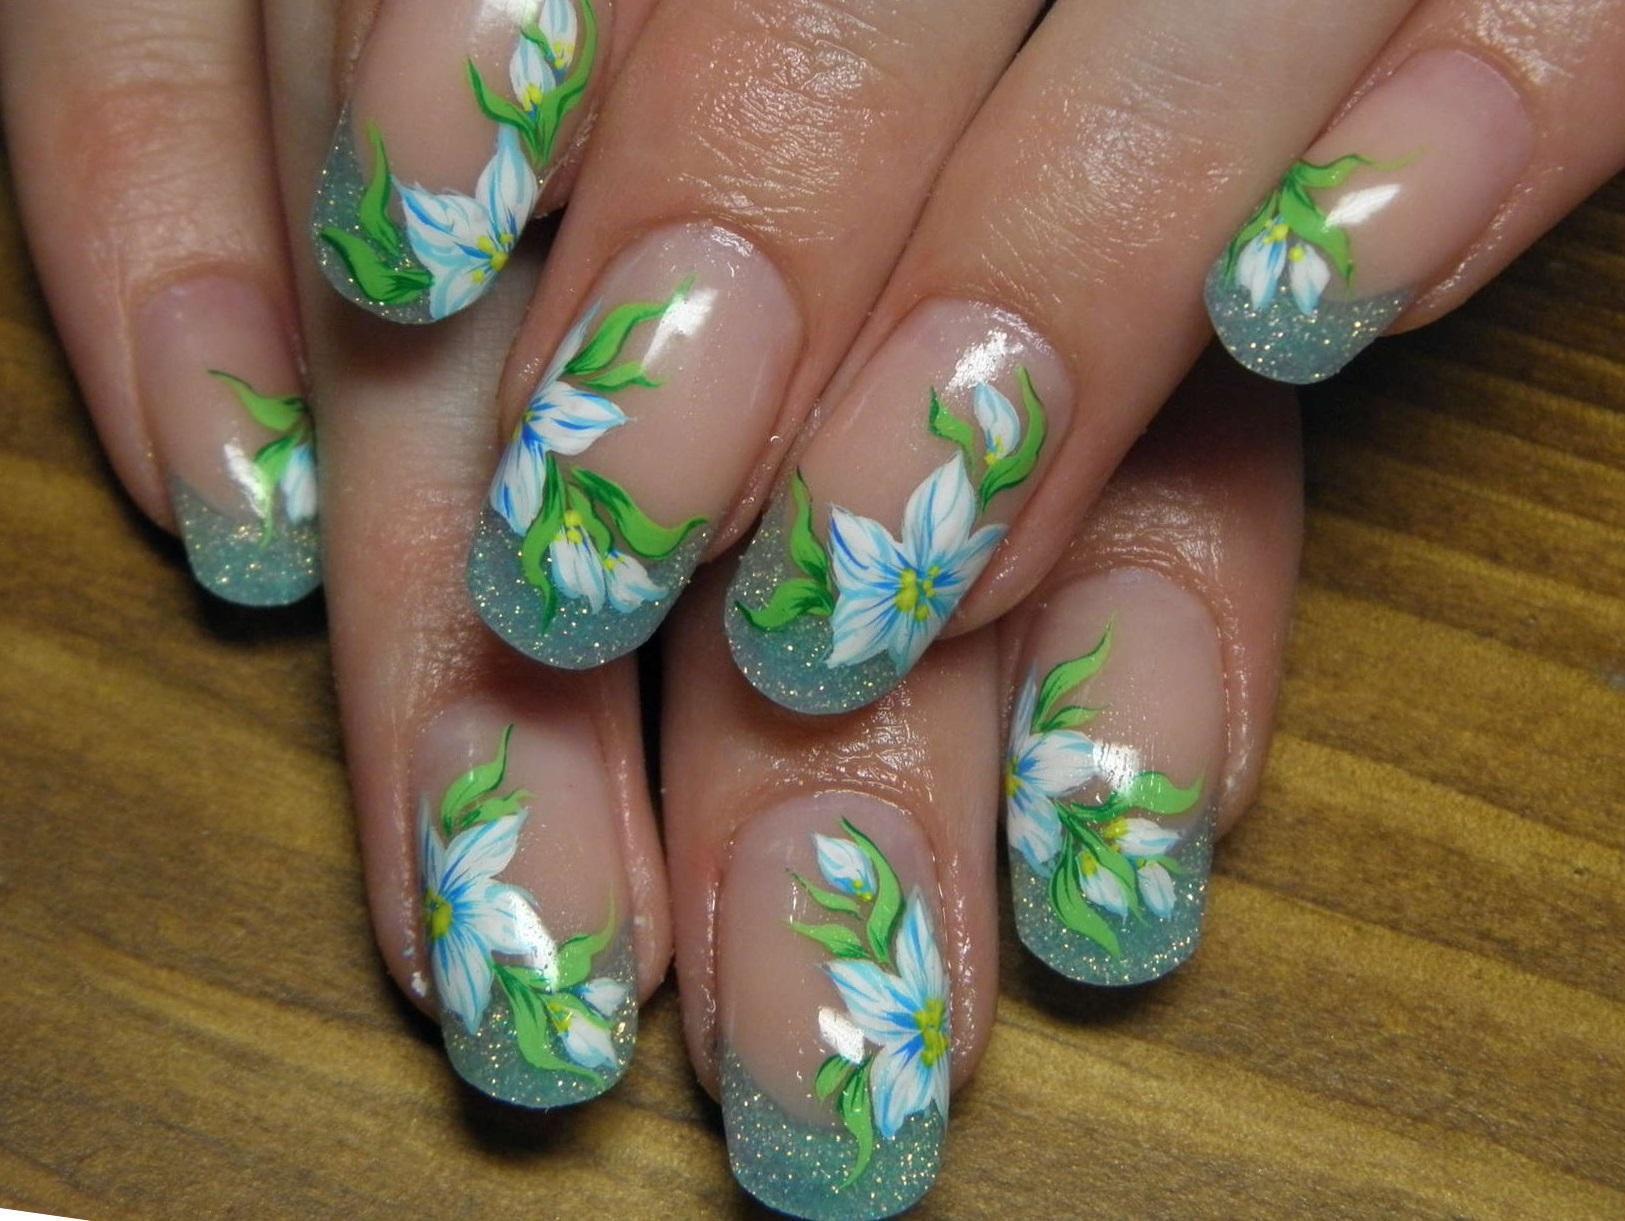 Дизайн ногтей весна лето. 82 фото маникюра. -Фото дизайна 815